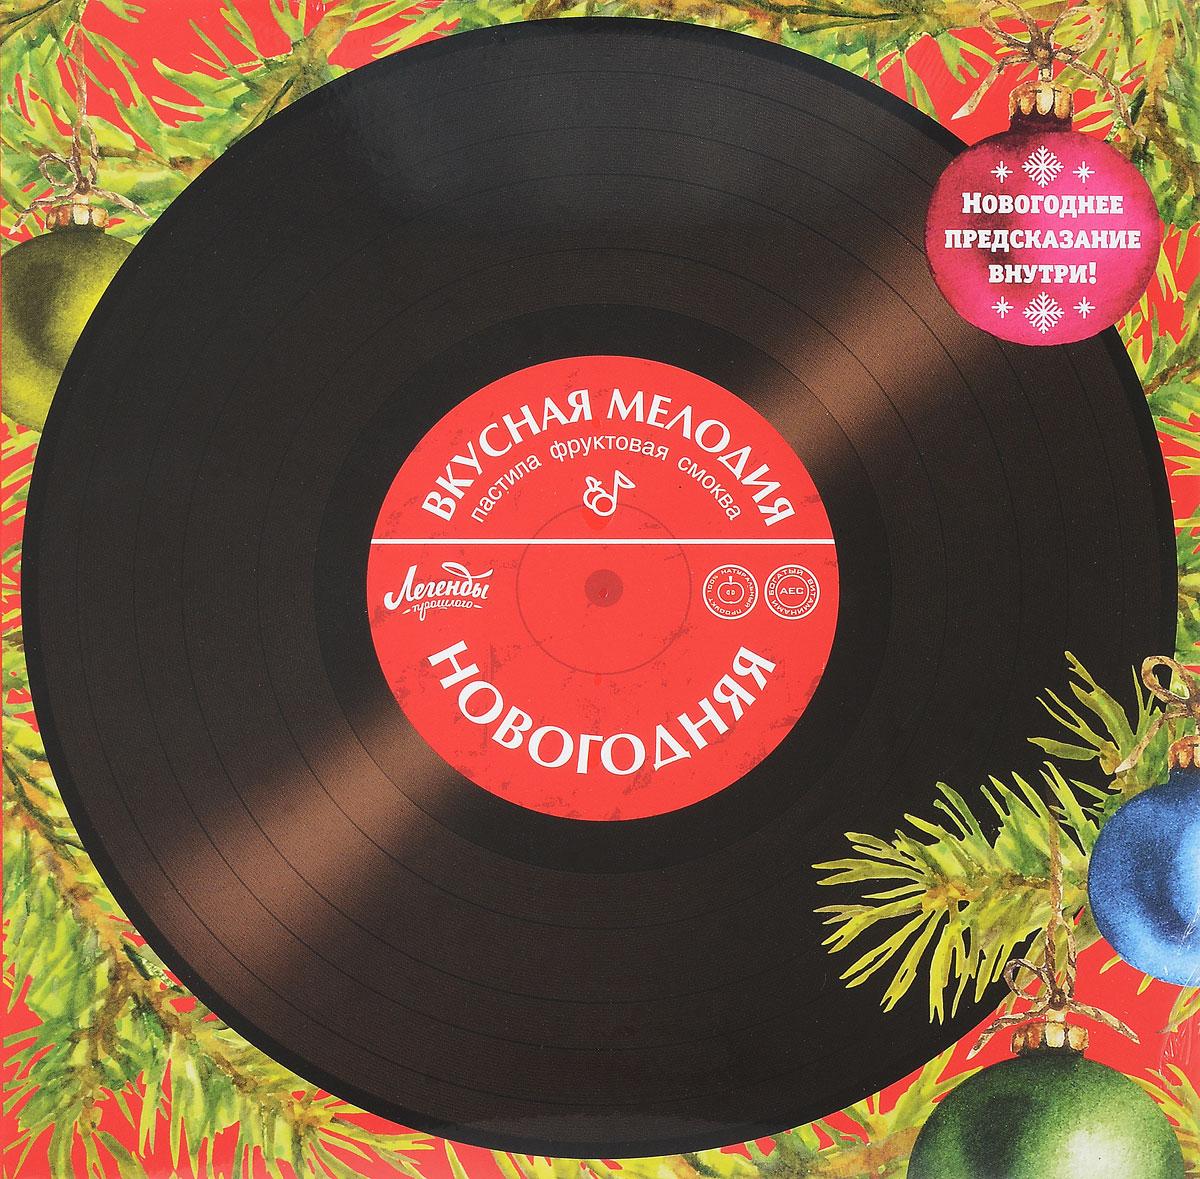 Вкусная помощь Пастила новогодняя Вкусная мелодия яблочная, 100 г0120710Пастила новогодняя Вкусная помощь Вкусная мелодия - новогодний подарок для ретроманов. Это вкуснейшее и натуральное лакомство. Дизайн - крайне новогодний. Понравится всем! Новогодние предсказания внутри! Заряжайте граммофон!!!